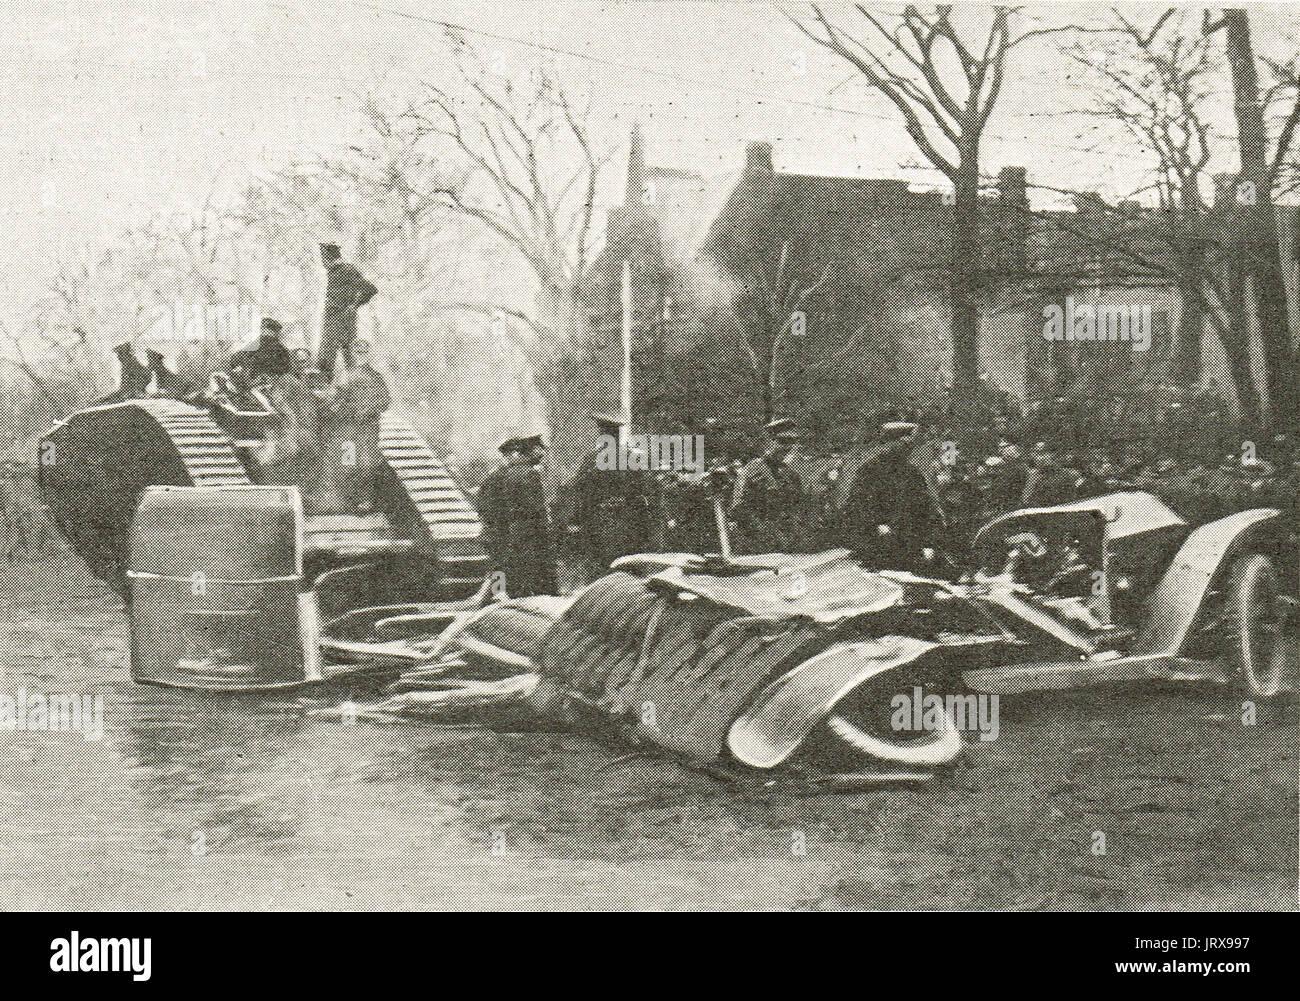 V réservoir Voiture, prêt de la Victoire, Toronto 1917 demo Photo Stock